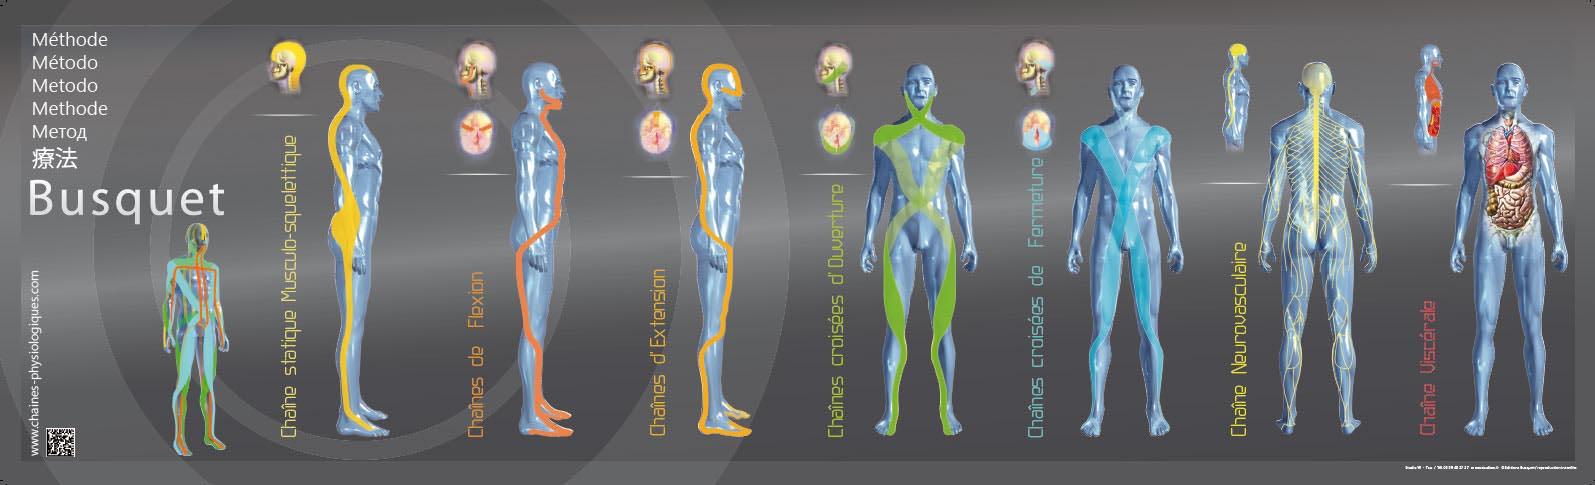 Cadenas musculares | Guiomarix